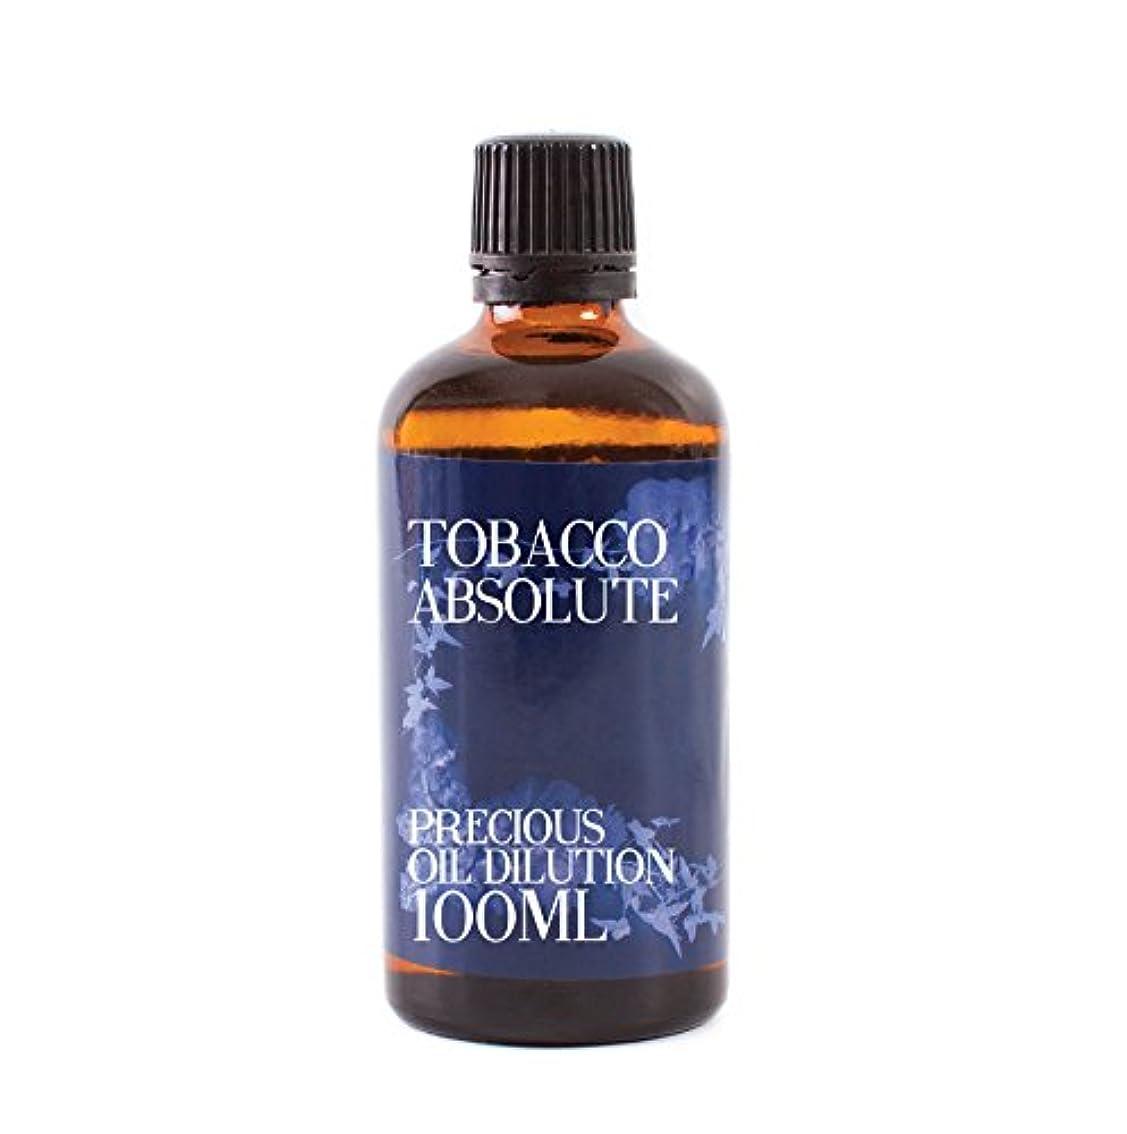 マイクロプロセッサコマンド時間Tobacco Absolute Oil Dilution - 100ml